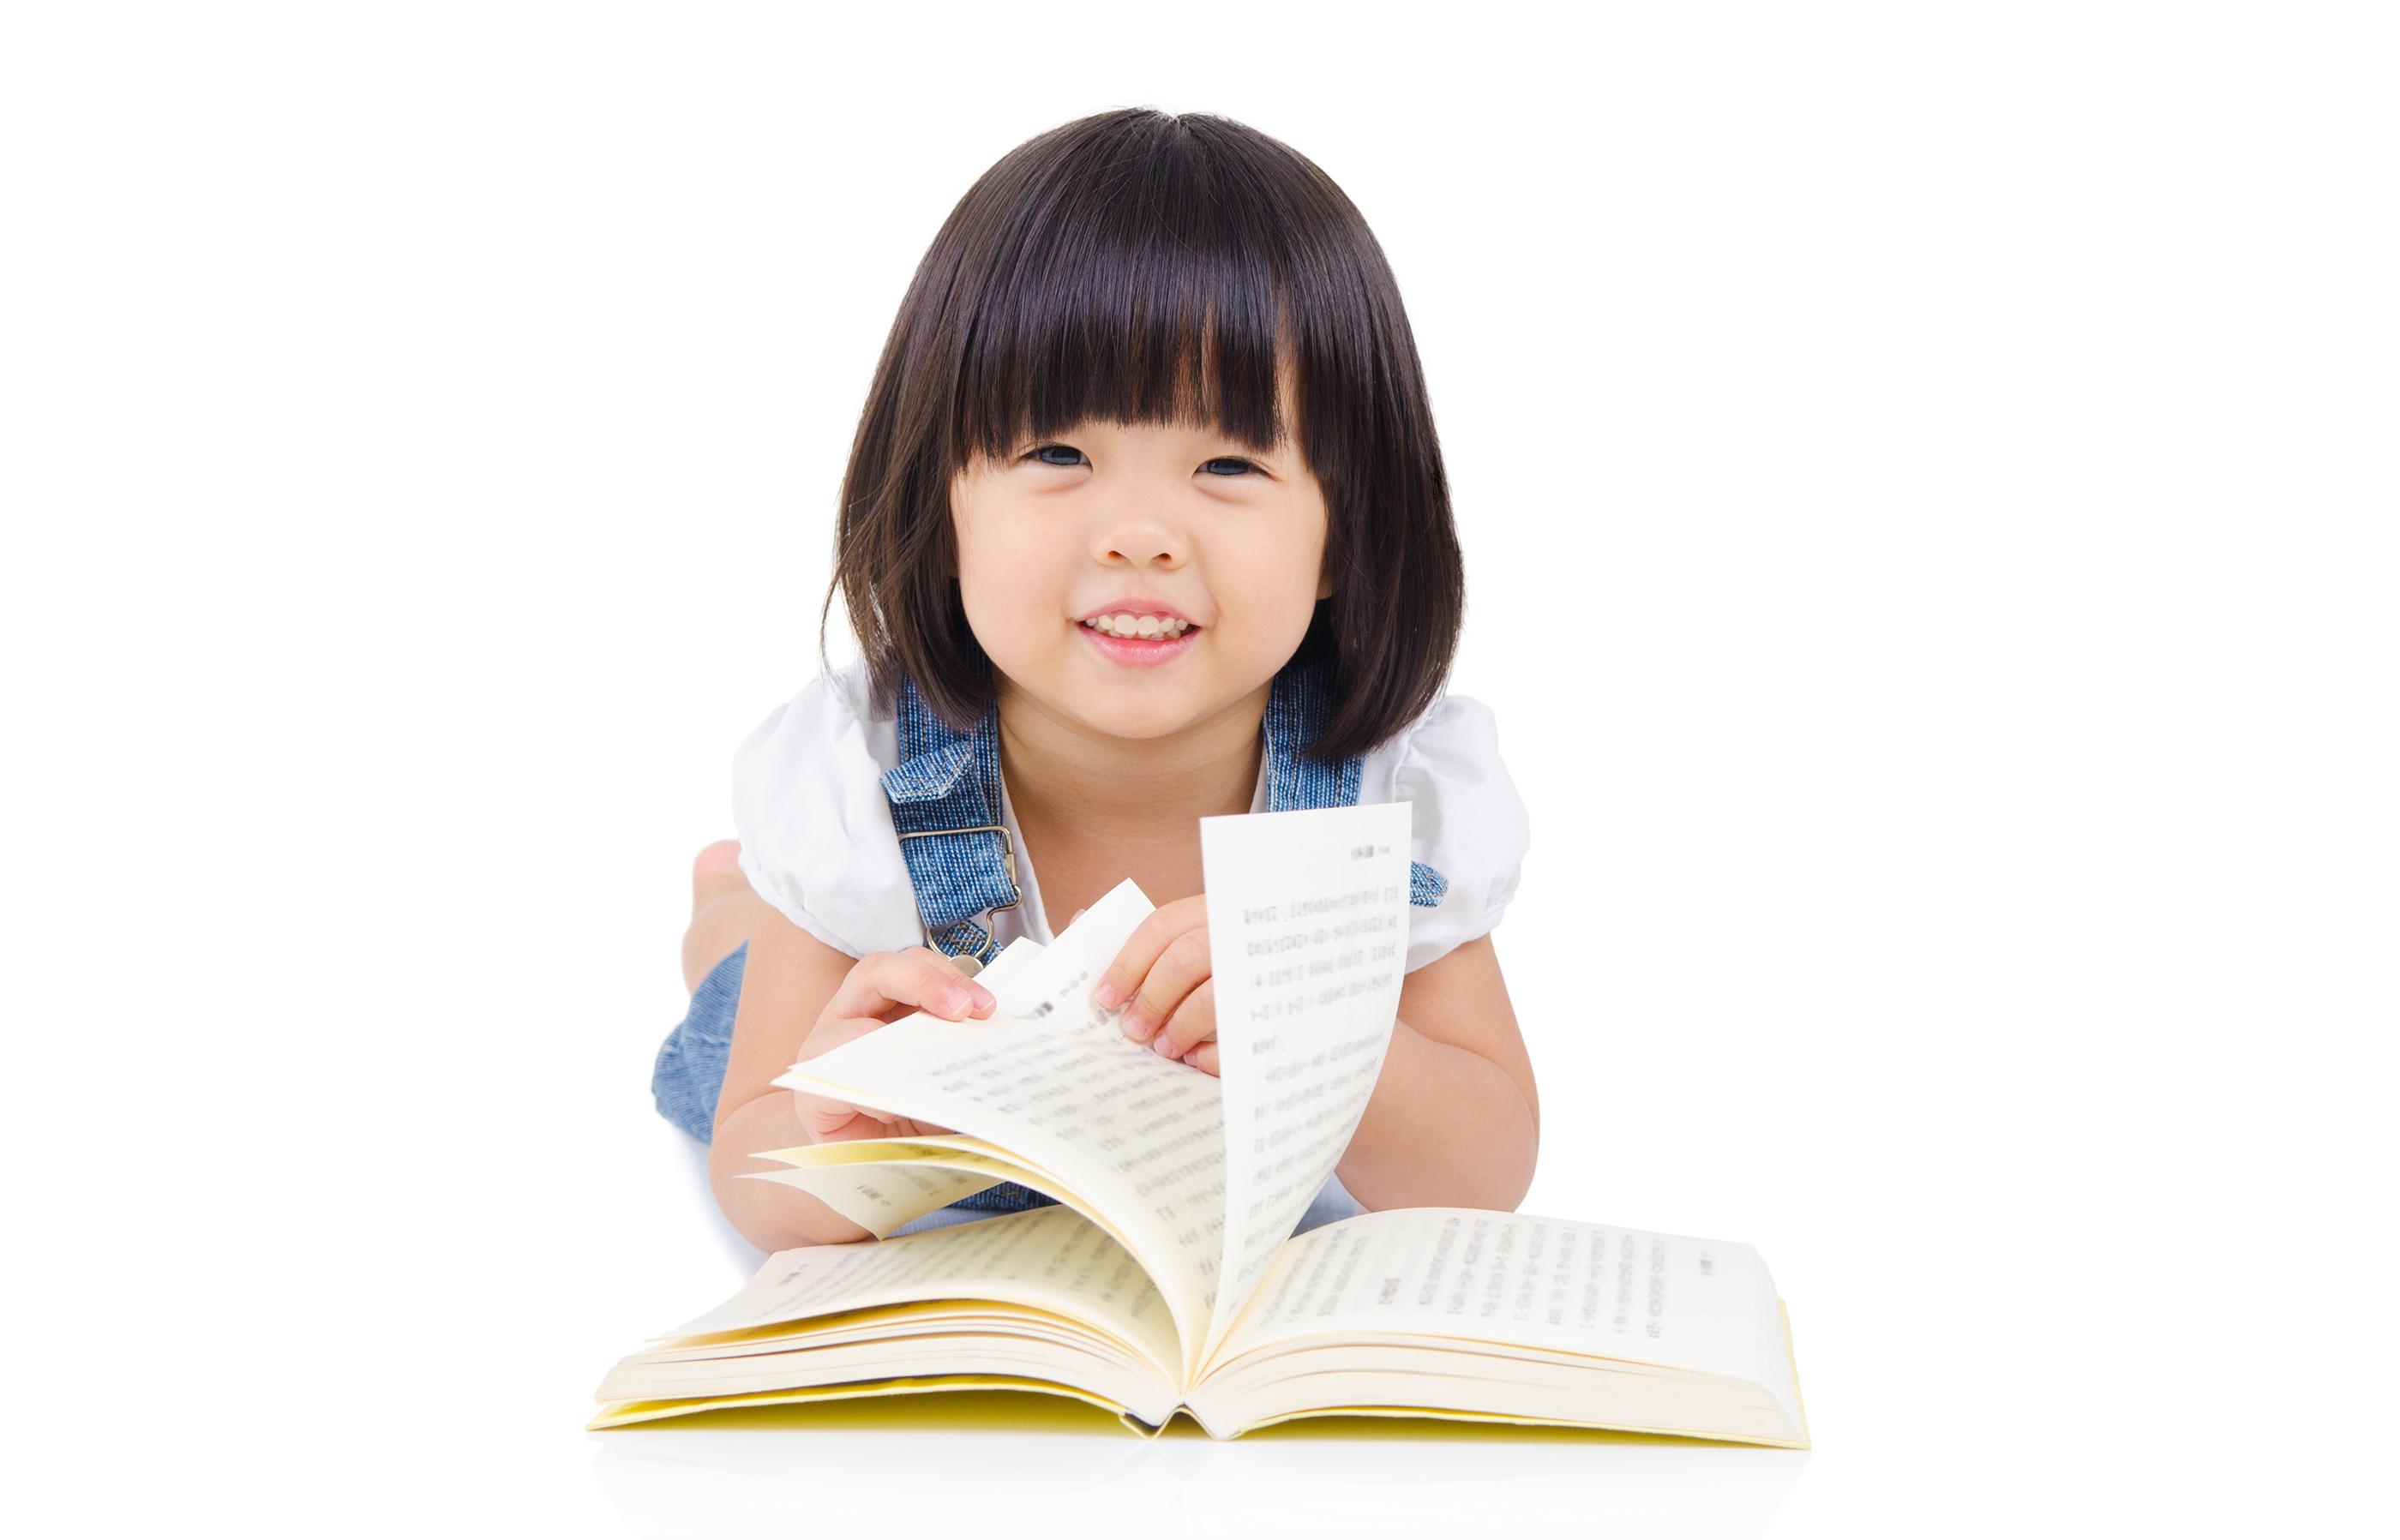 Cute asian girl reading